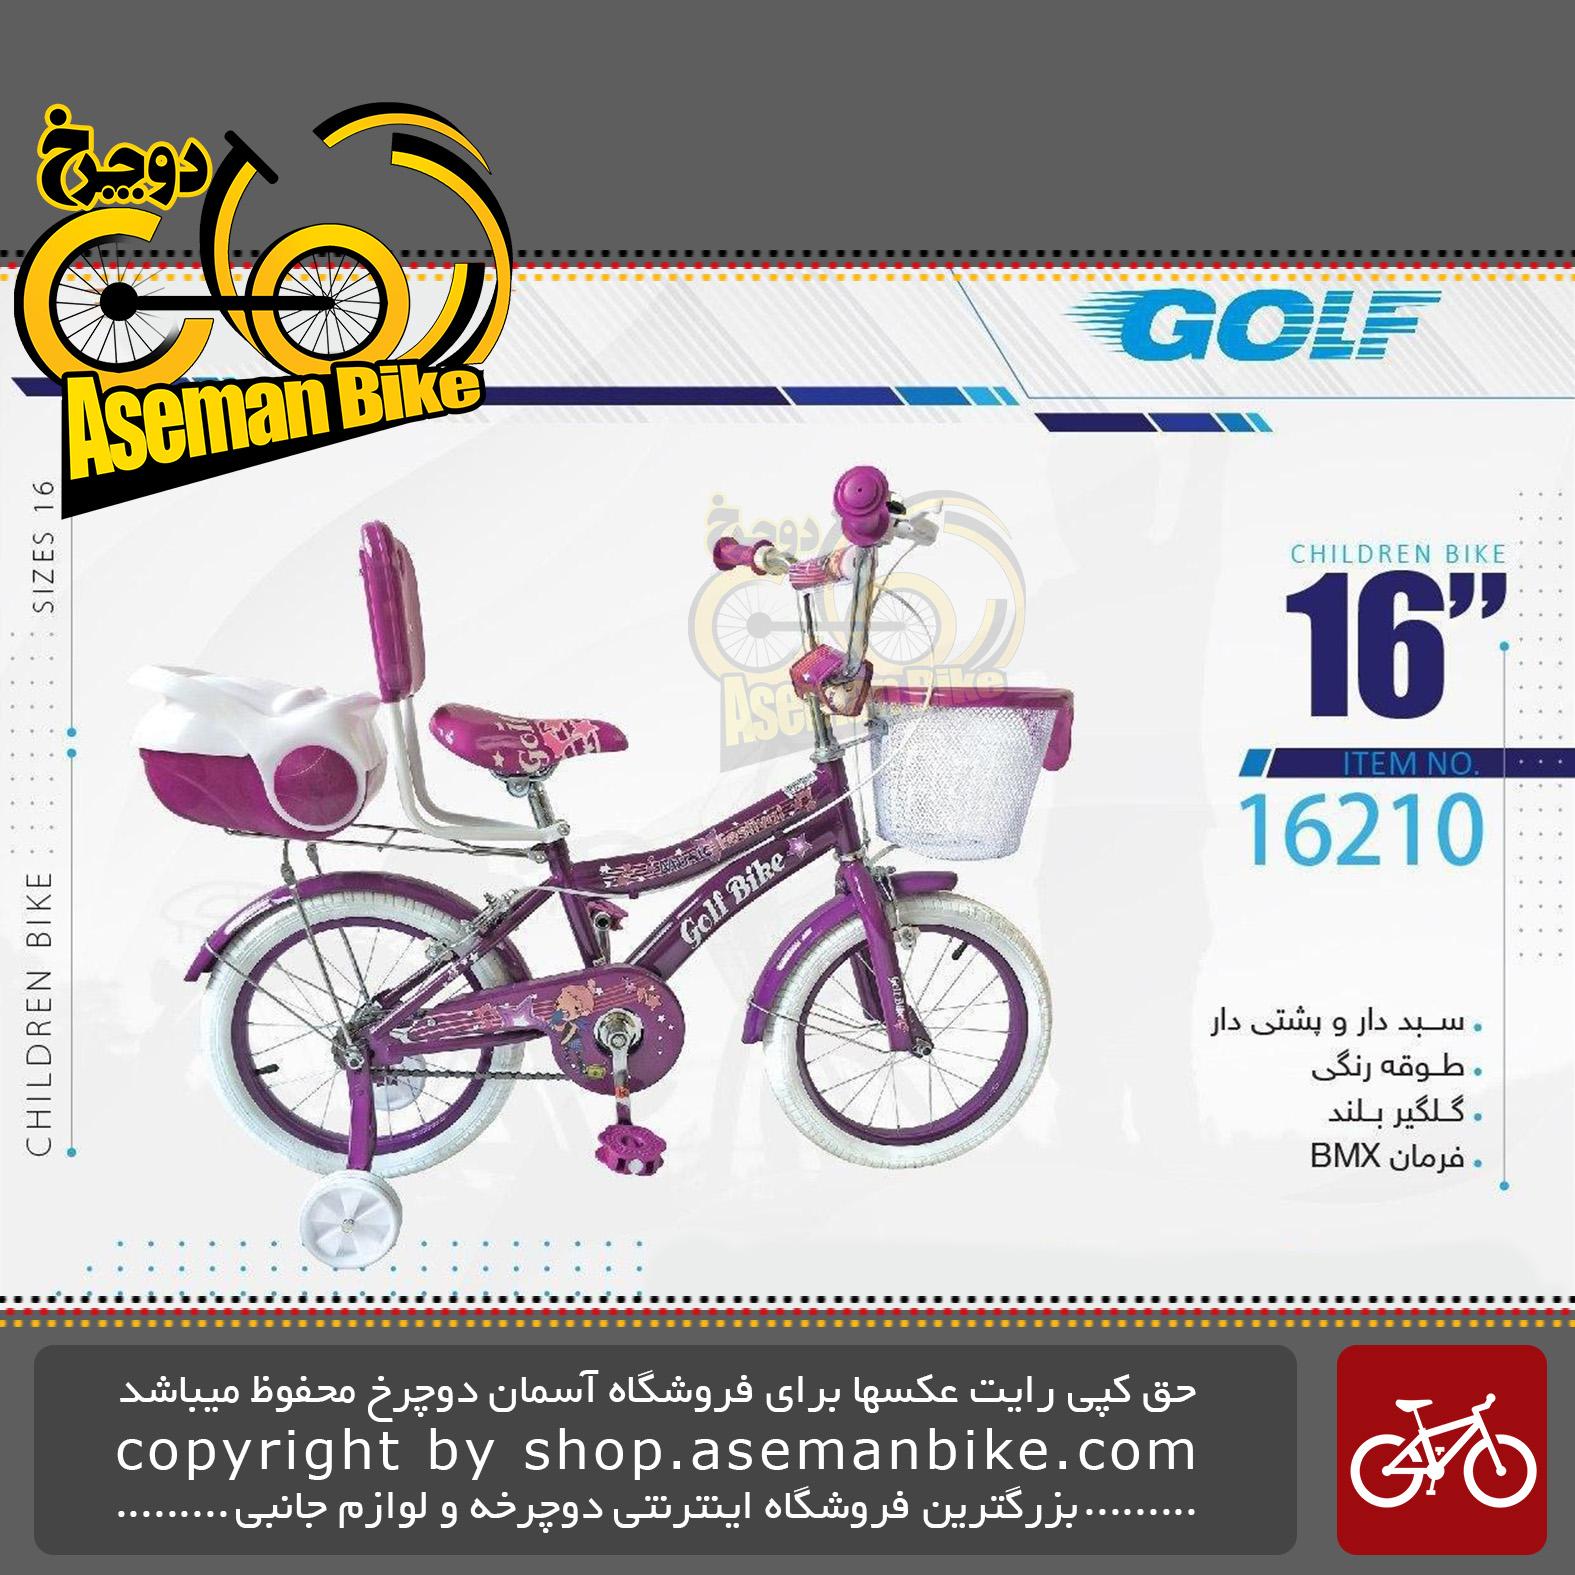 دوچرخه دخترانه بچگانه گلف سایز 16 ترکبندار کیف دار مدل 16210 GOLF Bicycle Kids Size 16 Model 16210